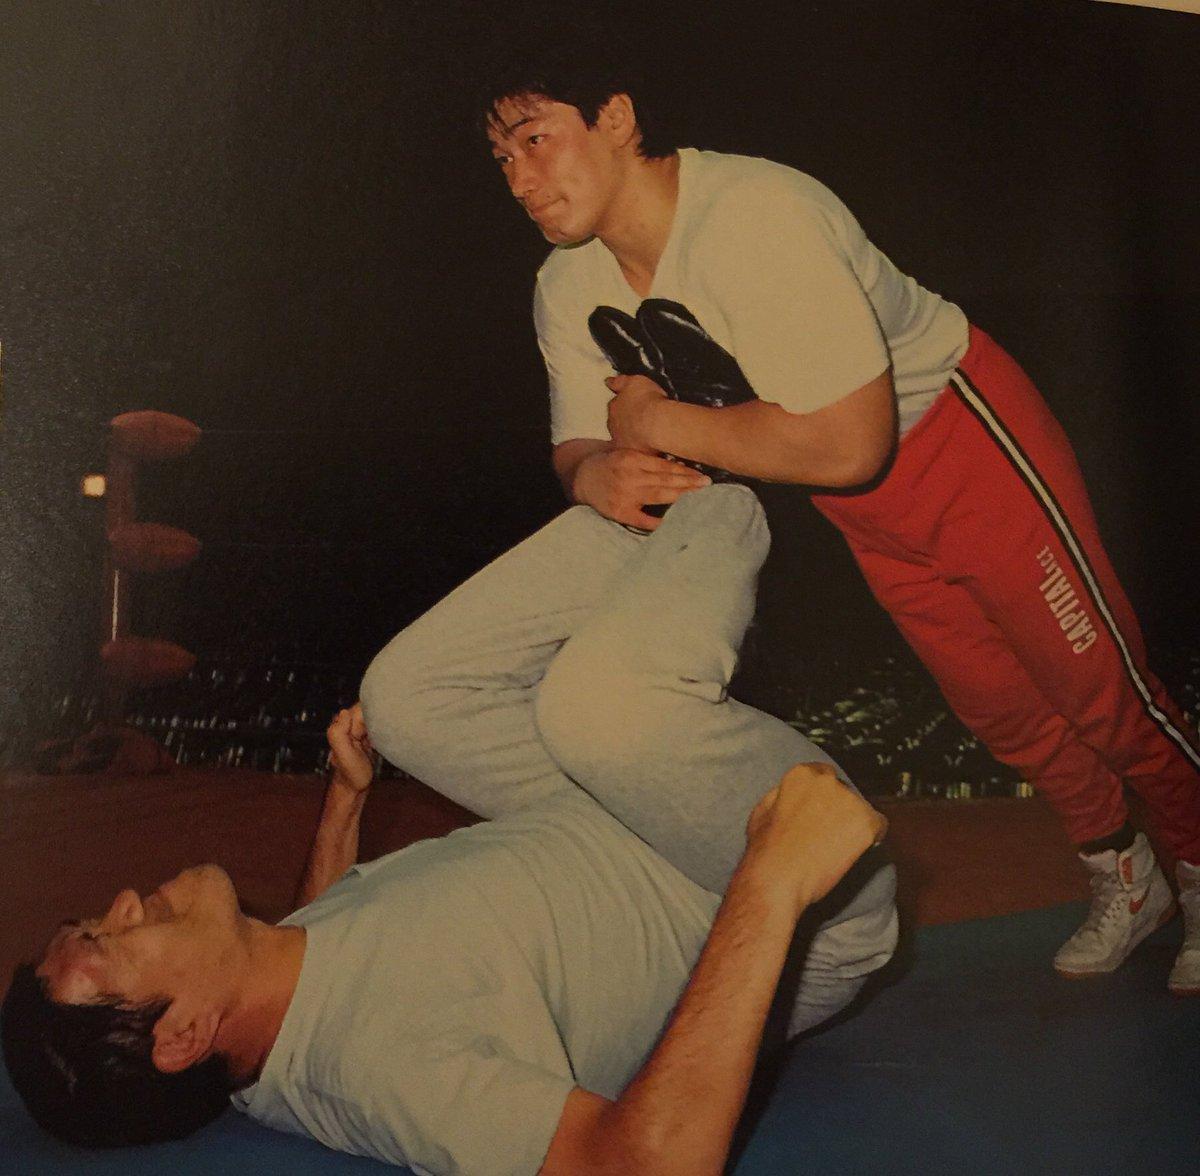 1月31日 今日はジャイアント馬場さんの命日です。 以前、日本武道館大会・試合前 馬場さんがリング上…